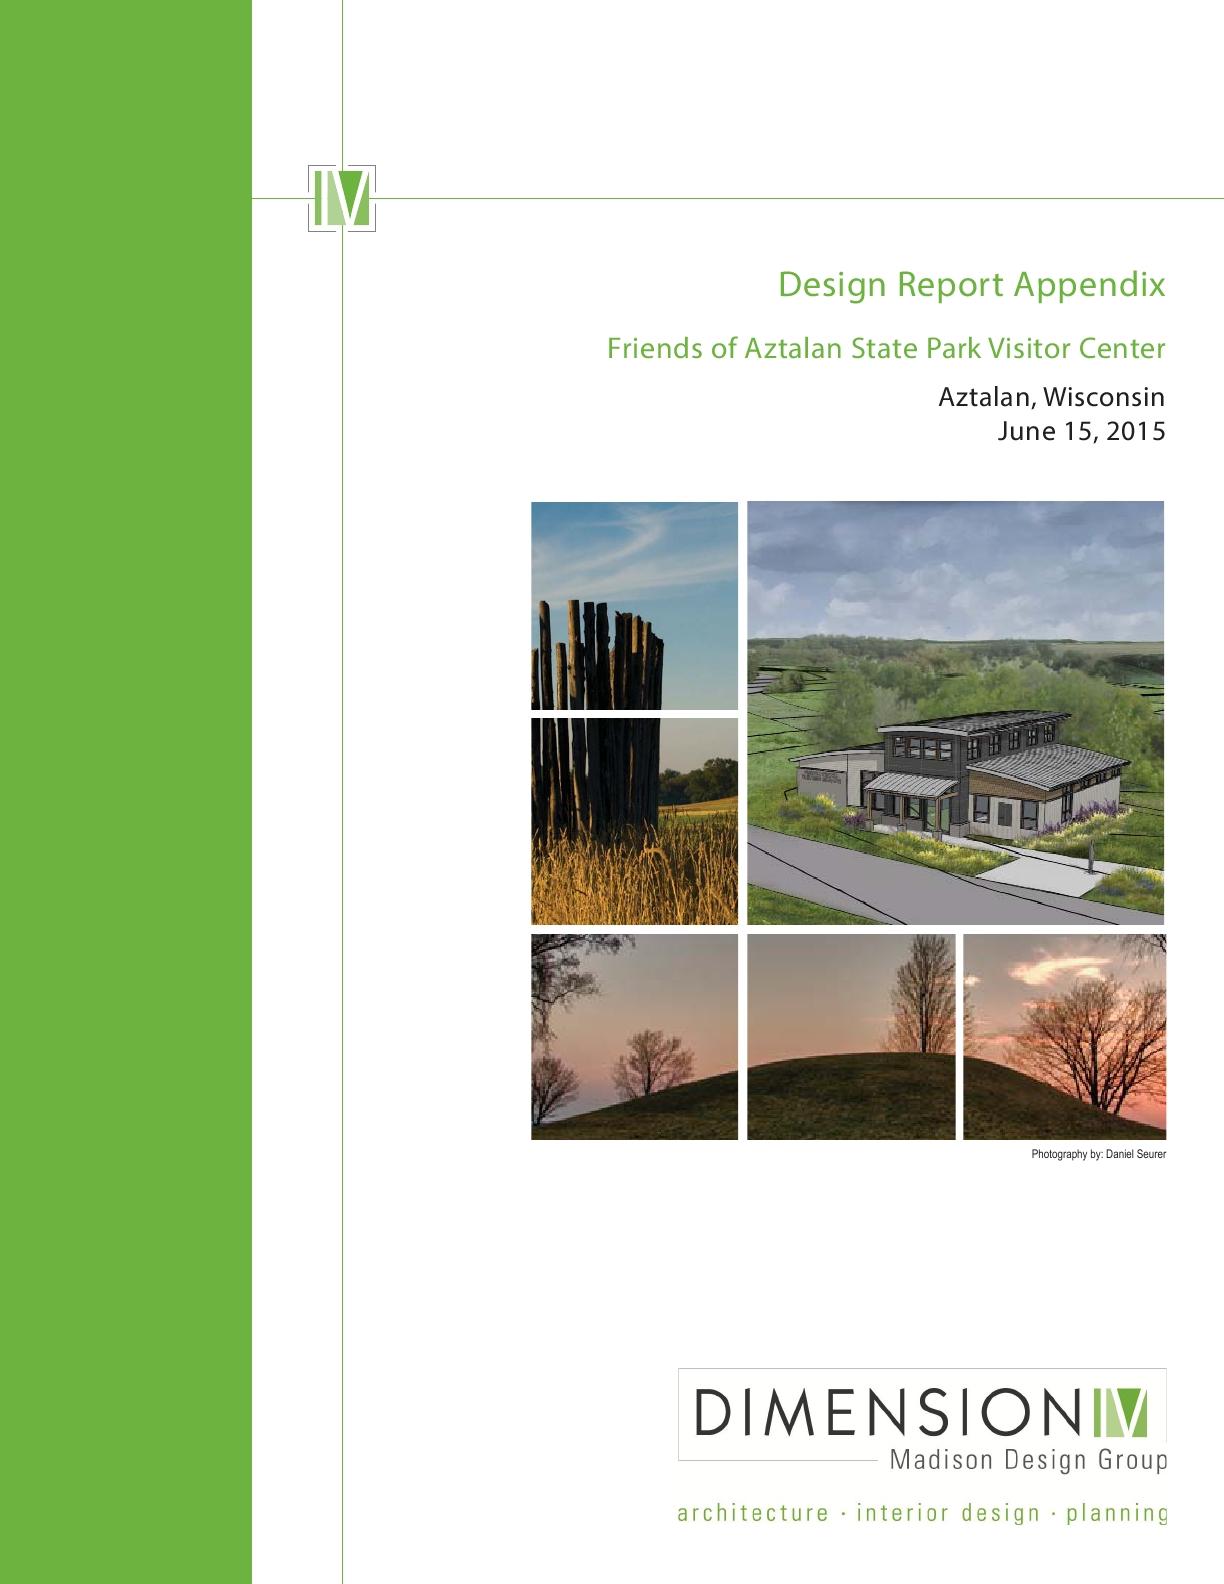 02 - 06 15 2015 - Aztalan Report Appendix p1.jpg